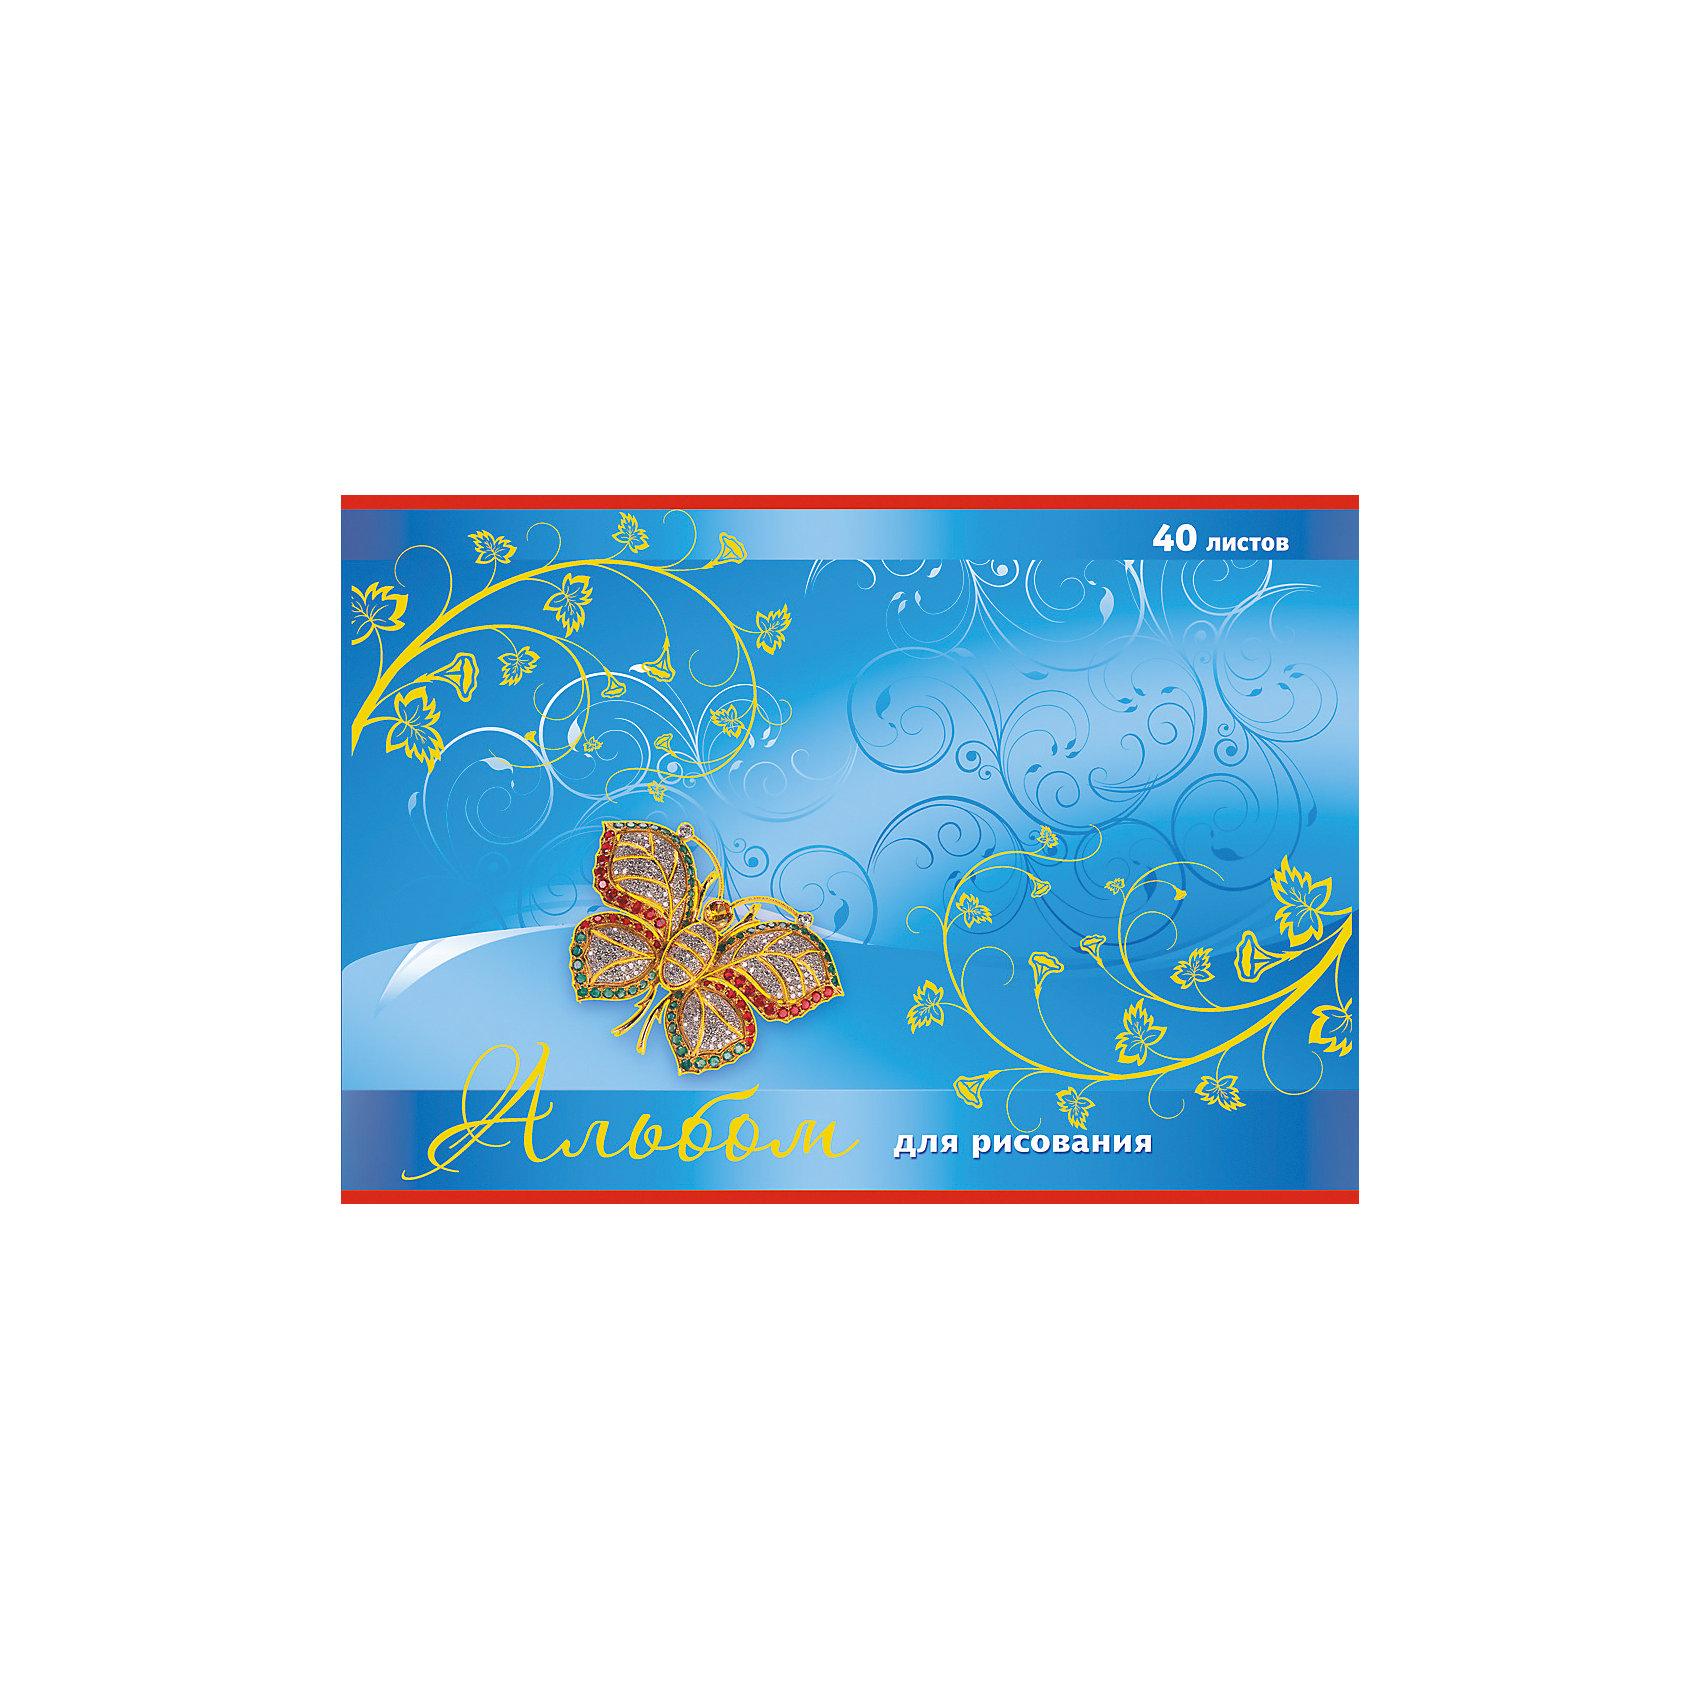 Альбом  для рисования 40 листов, обложка тиснение золотой фольгой, на скобе. Обложка БабочкаБумажная продукция<br>Характеристики товара:<br><br>• возраст: от 3 лет;<br>• количество листов: 40;<br>• бумага: офсетная;<br>• плотность бумаги: 140 гр.;<br>• тиснение: золотая фольга;<br>• тип крепления: скоба;<br>• обложка: целлюлозный мелованный картон;<br>• размер: 29,5х20,5х1 см.;<br>• вес: 183 гр.;<br>• страна бренда: Россия;<br>• страна изготовитель: Россия.<br><br>Альбом для рисования на скобе 40 листов, Обложка Бабочка - идеально подходить для рисования гуашью, акварелью, карандашами, фломастерами. Благодаря хорошему качеству бумаги, при оптимальной плотности и фактуре, рисунки не просвечивают и не оставляют отпечатков. Обложка альбома оформлена красивым и яркий рисунком.<br><br>Альбом-планшет для рисования на скобе 40 листов, Обложка Бабочка, можно купить в нашем интернет-магазине.<br><br>Ширина мм: 230<br>Глубина мм: 280<br>Высота мм: 5<br>Вес г: 183<br>Возраст от месяцев: 36<br>Возраст до месяцев: 1188<br>Пол: Унисекс<br>Возраст: Детский<br>SKU: 6992513